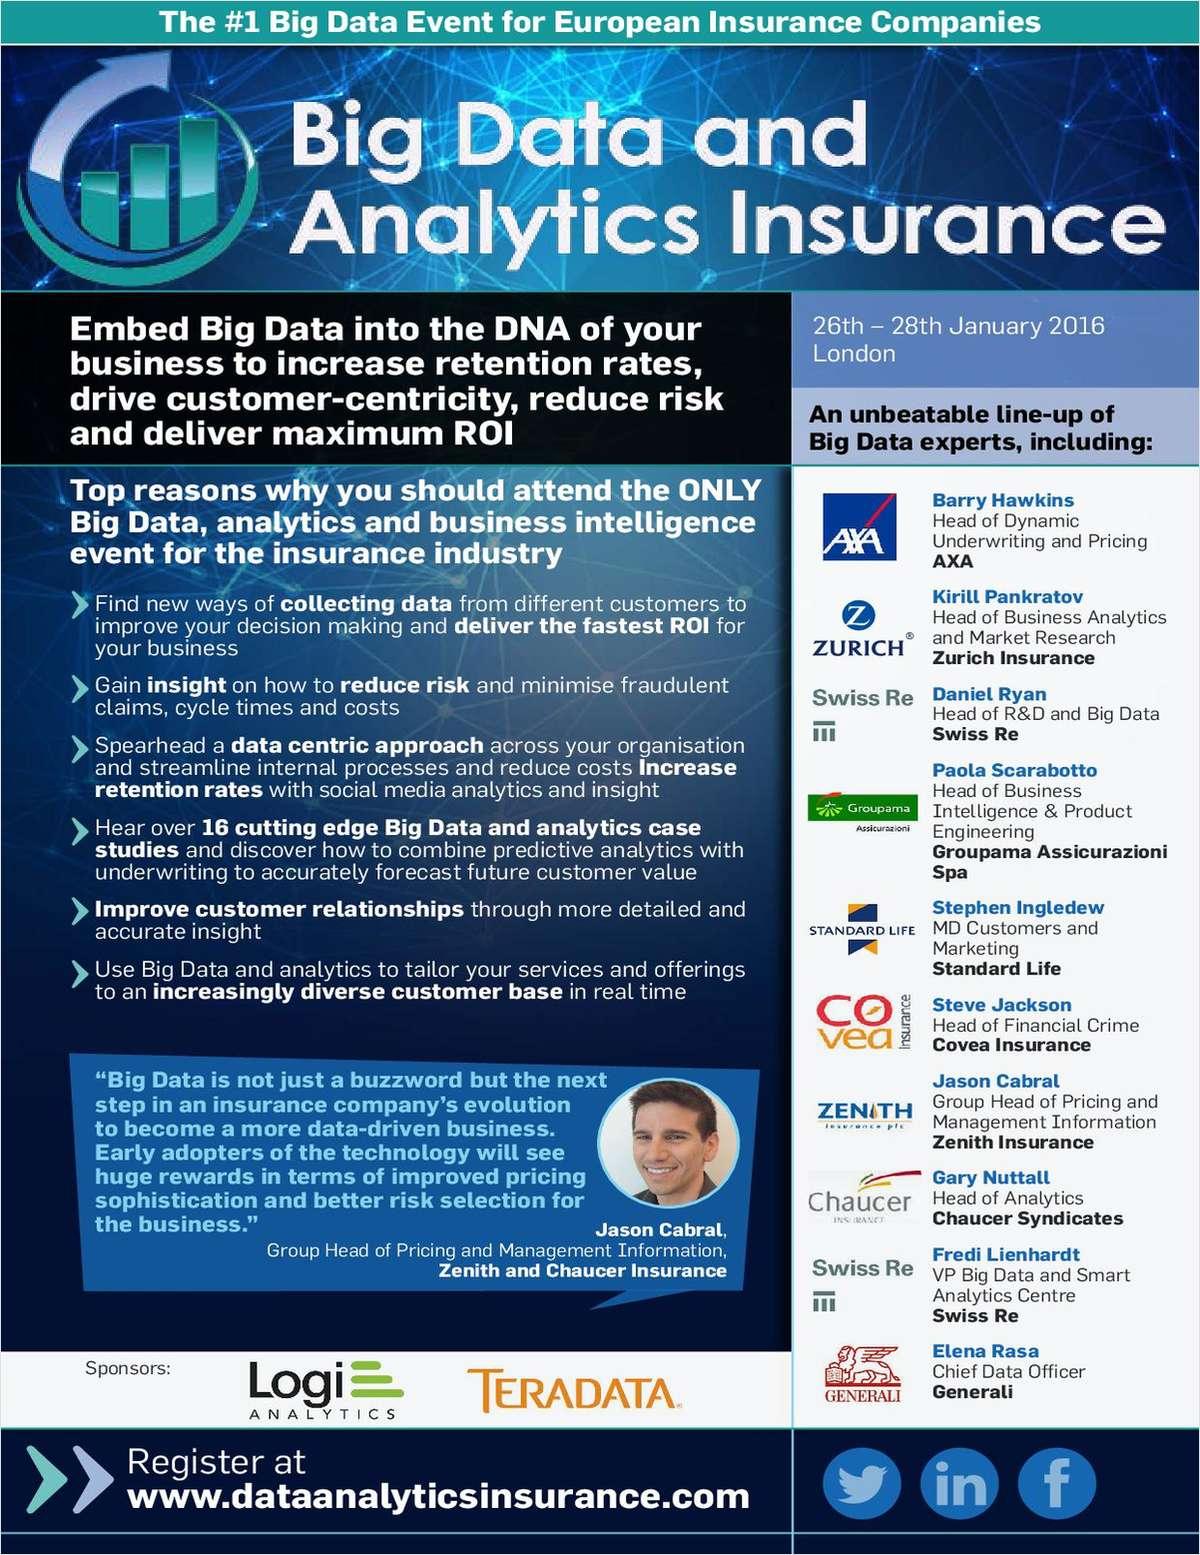 Big Data and Analytics Insurance